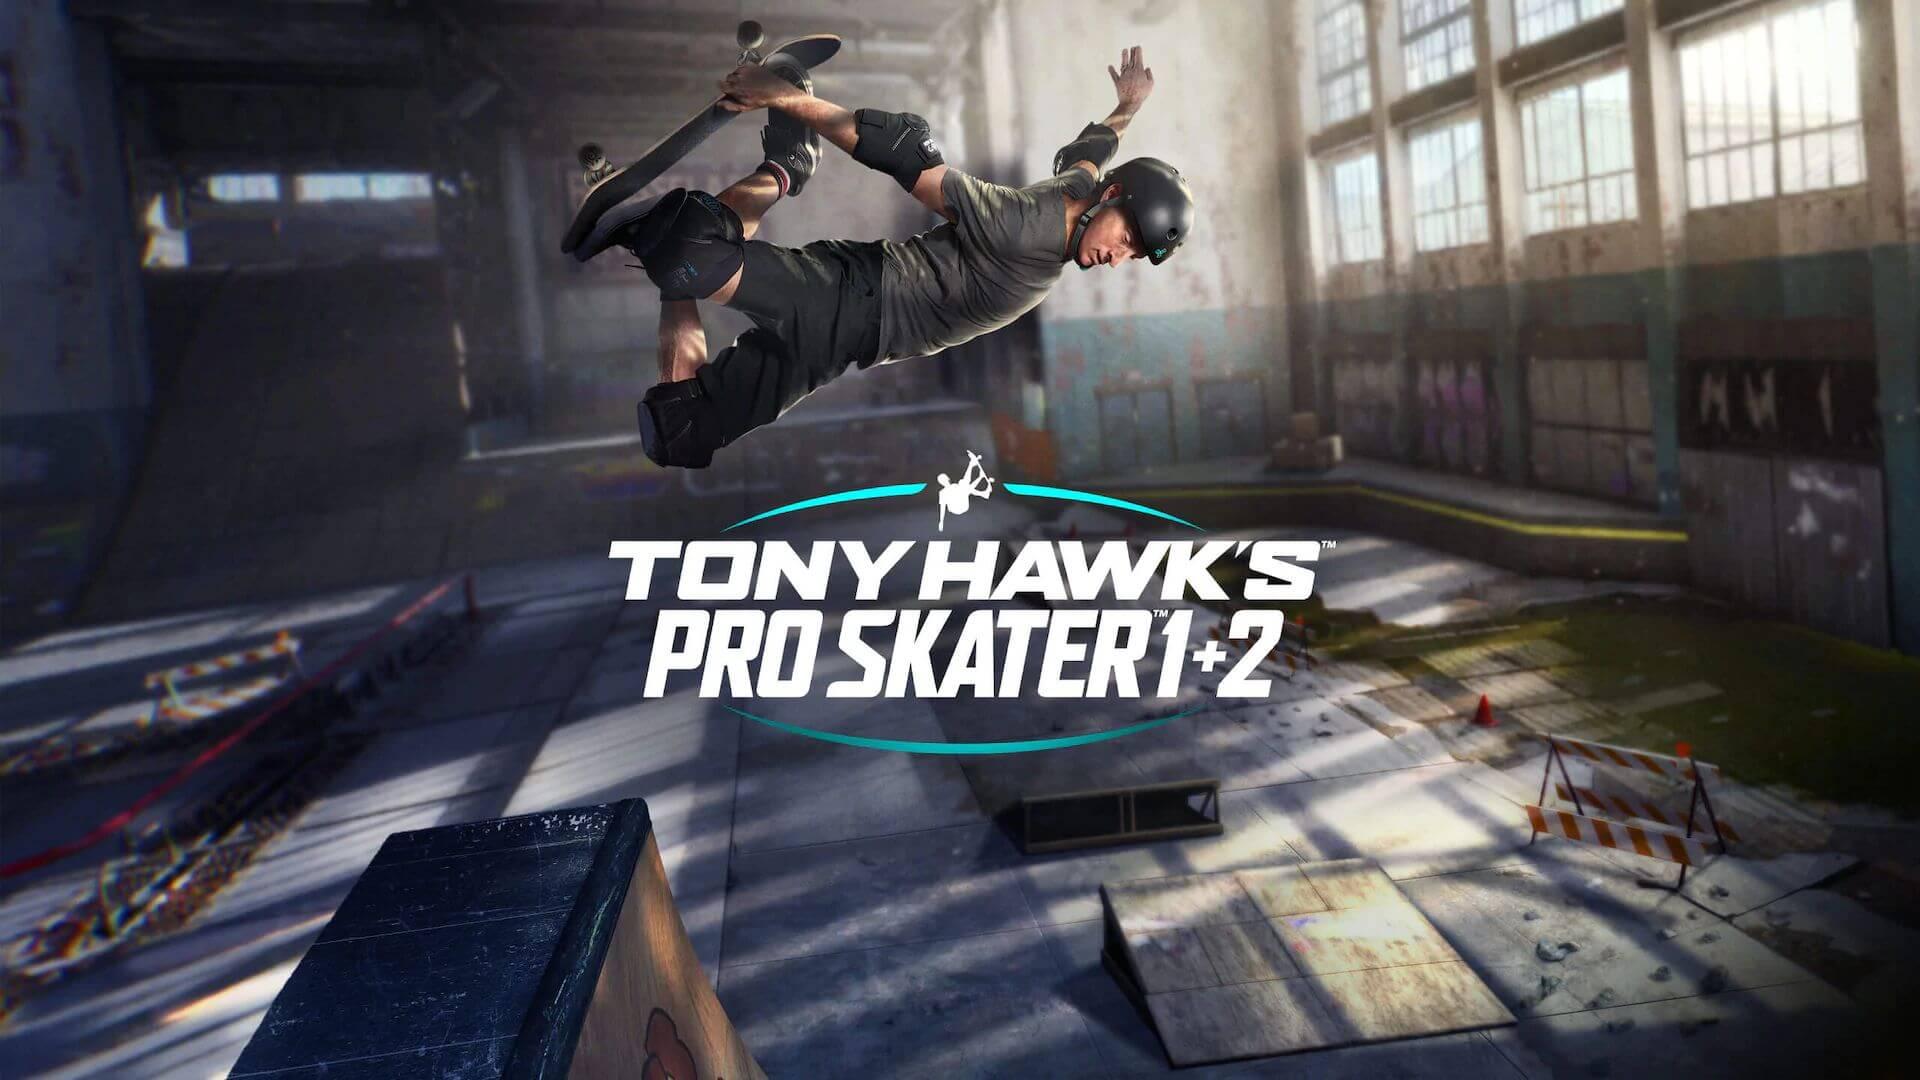 [Review] Tony Hawk's Pro Skater 1 + 2